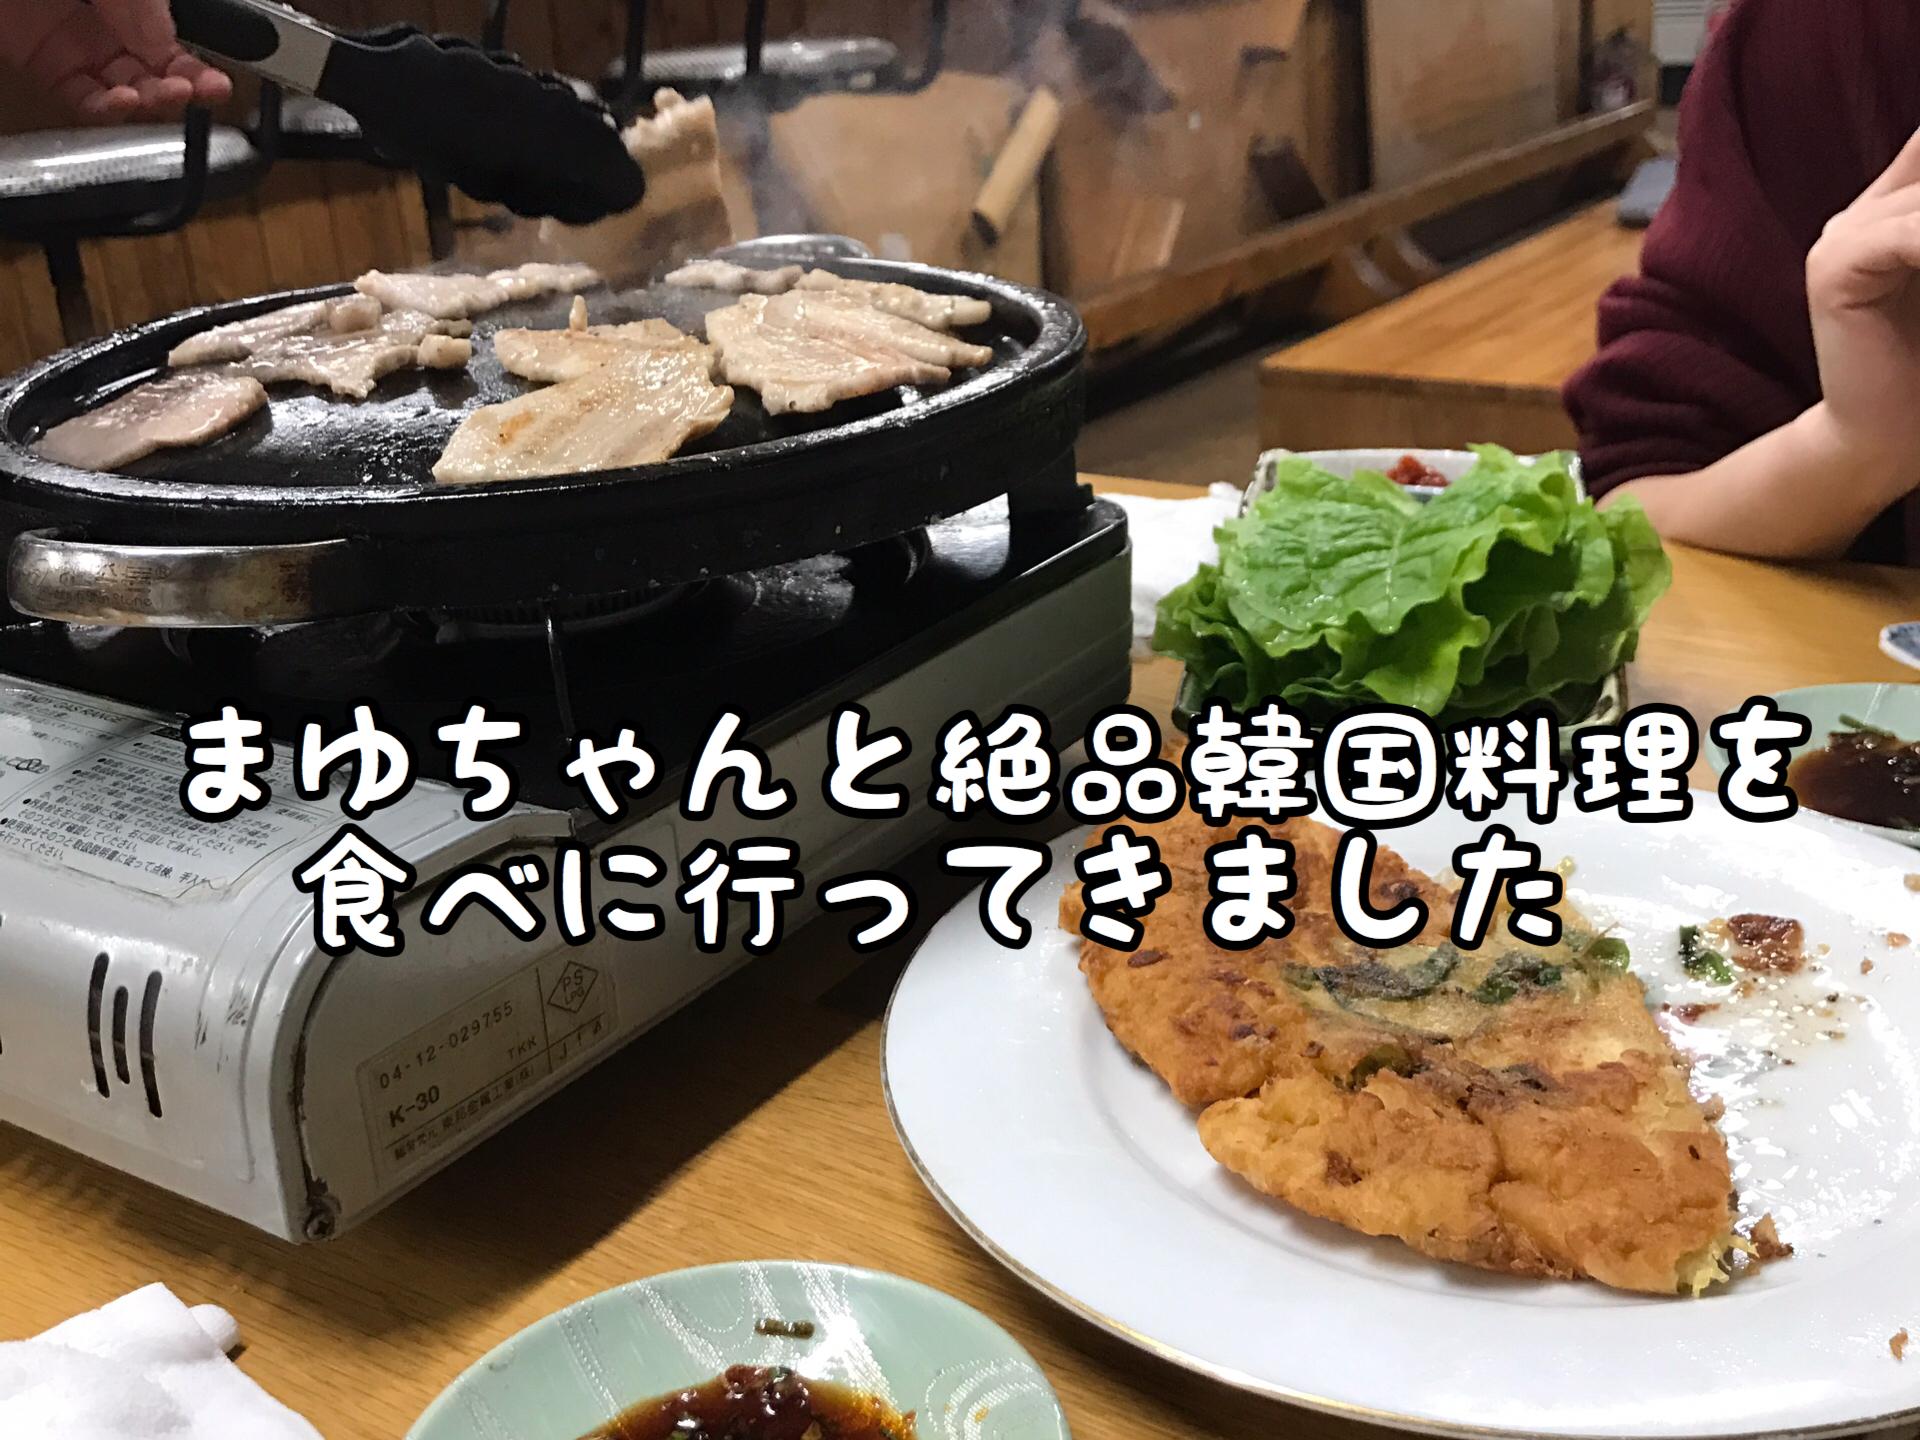 【맛있어요!!】地元西尾市の隠れた名店!絶品韓国料理を食べに行ってきました